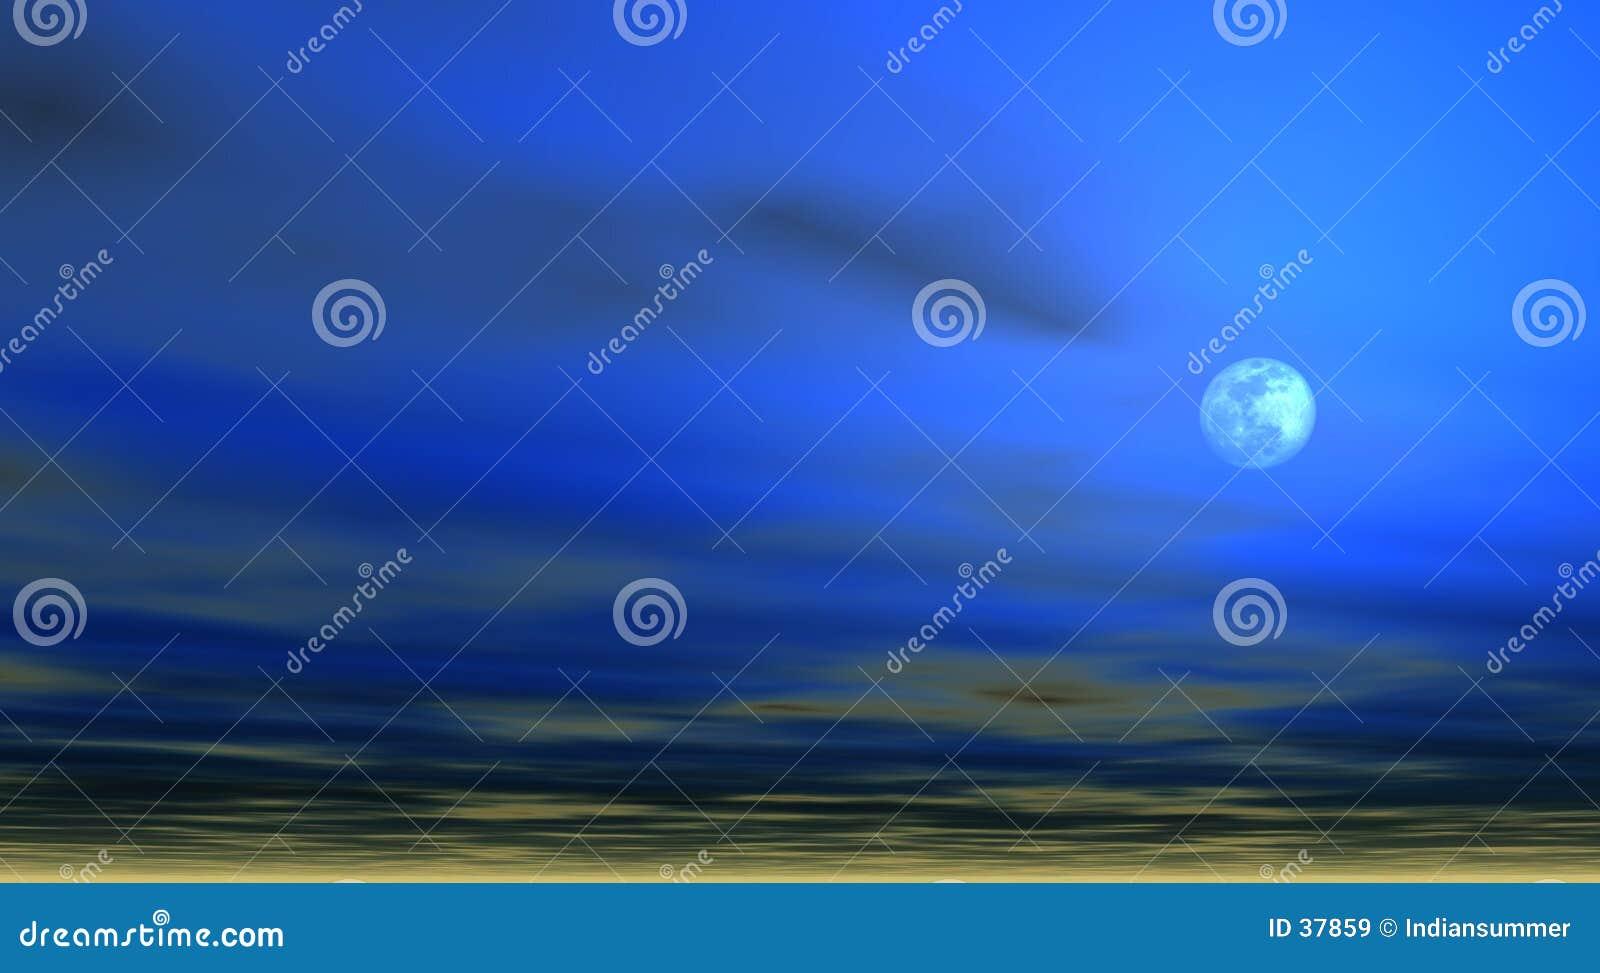 De achtergrond van de hemel met Maan [4]